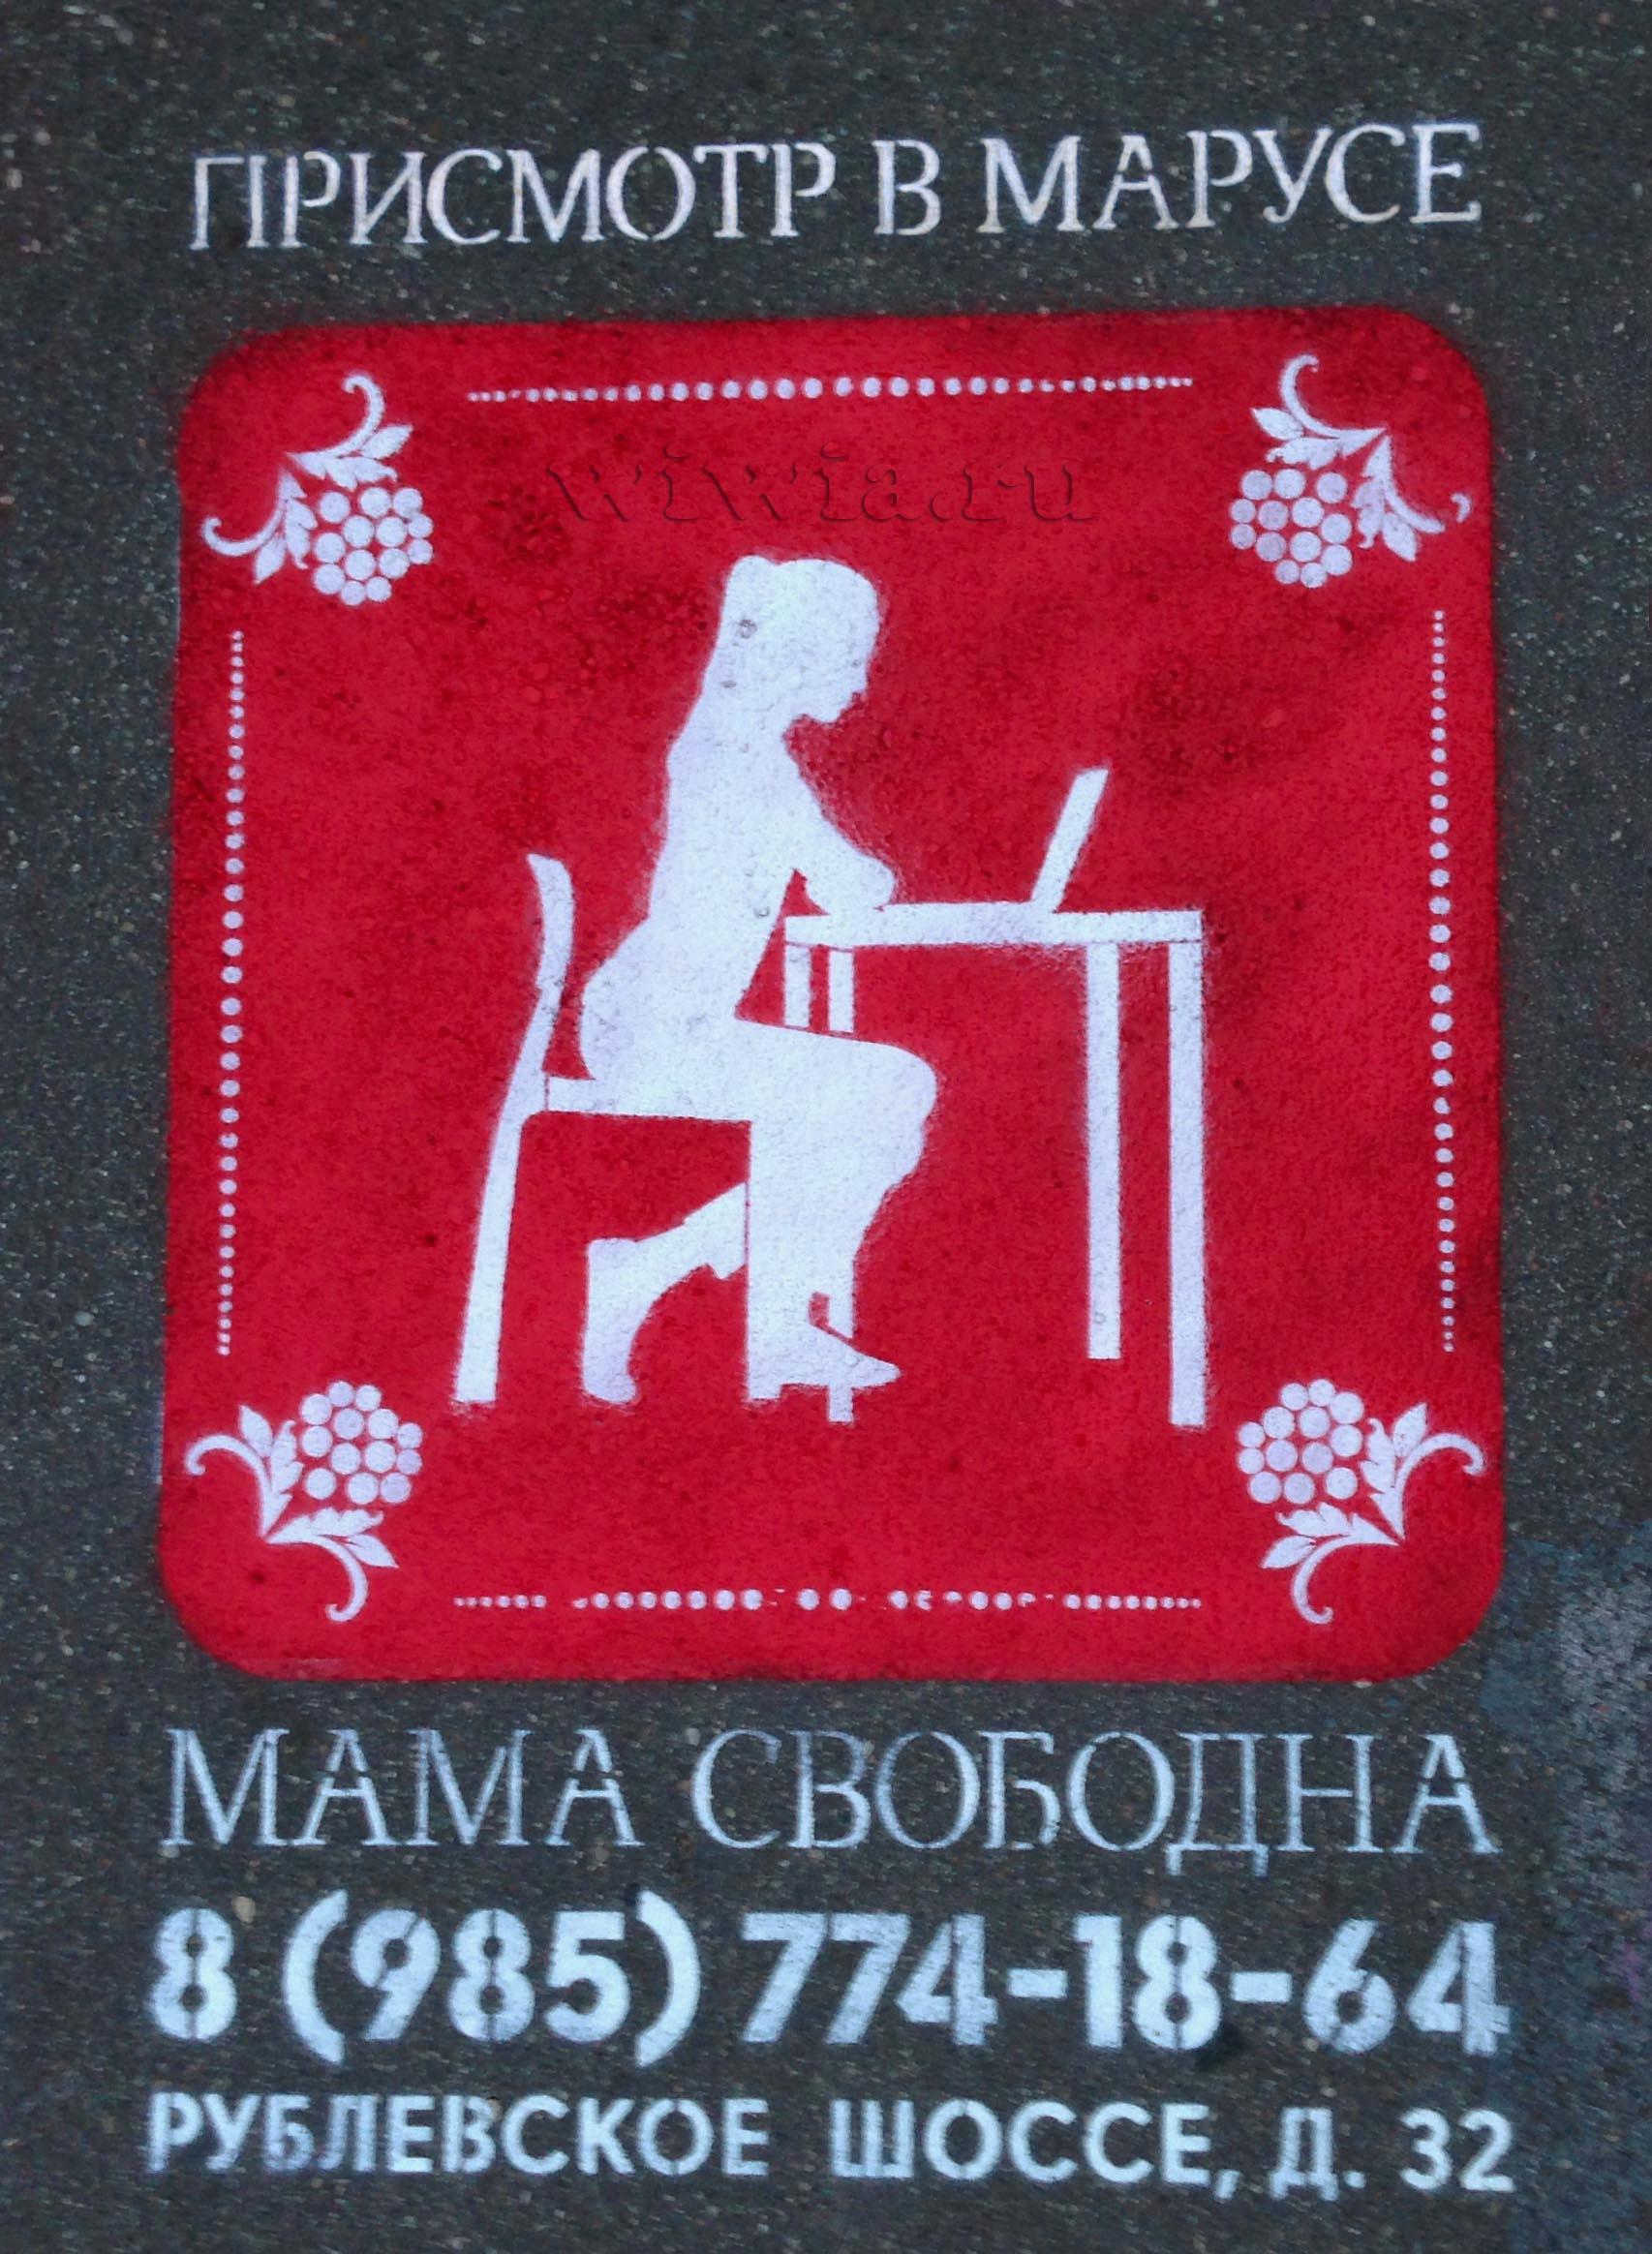 Реклама на асфальте. ДС Маруся.